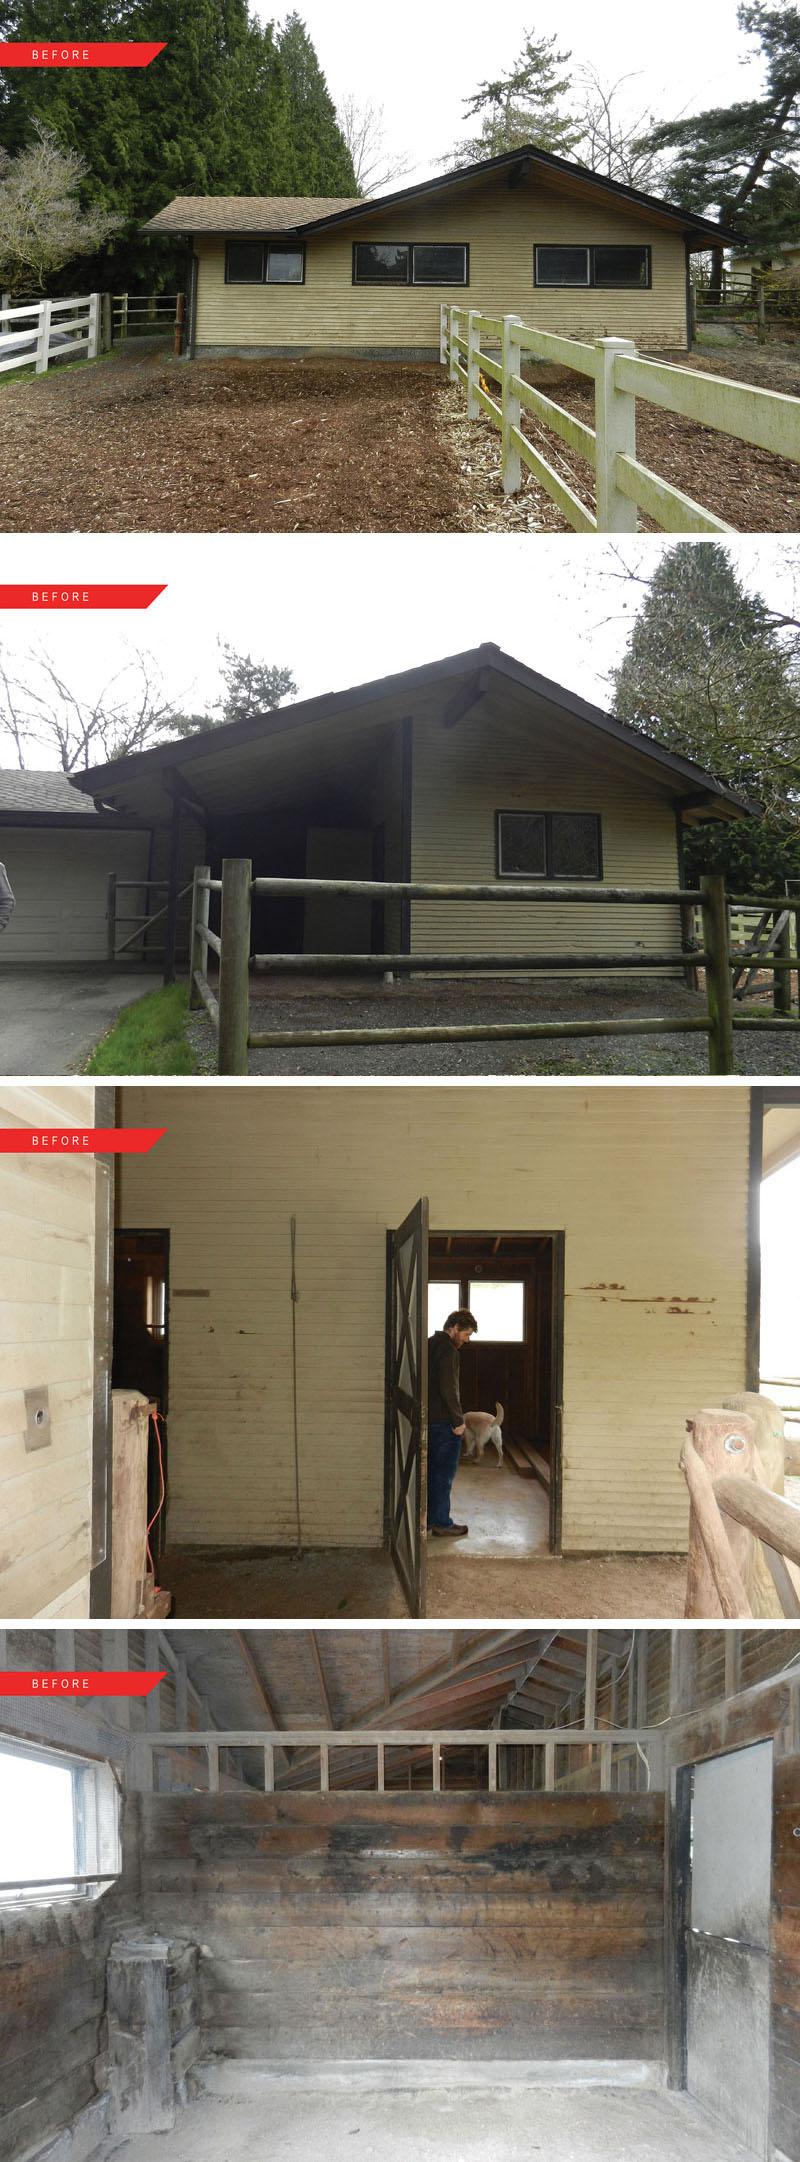 تغییر کاربری و بازسازی خانه